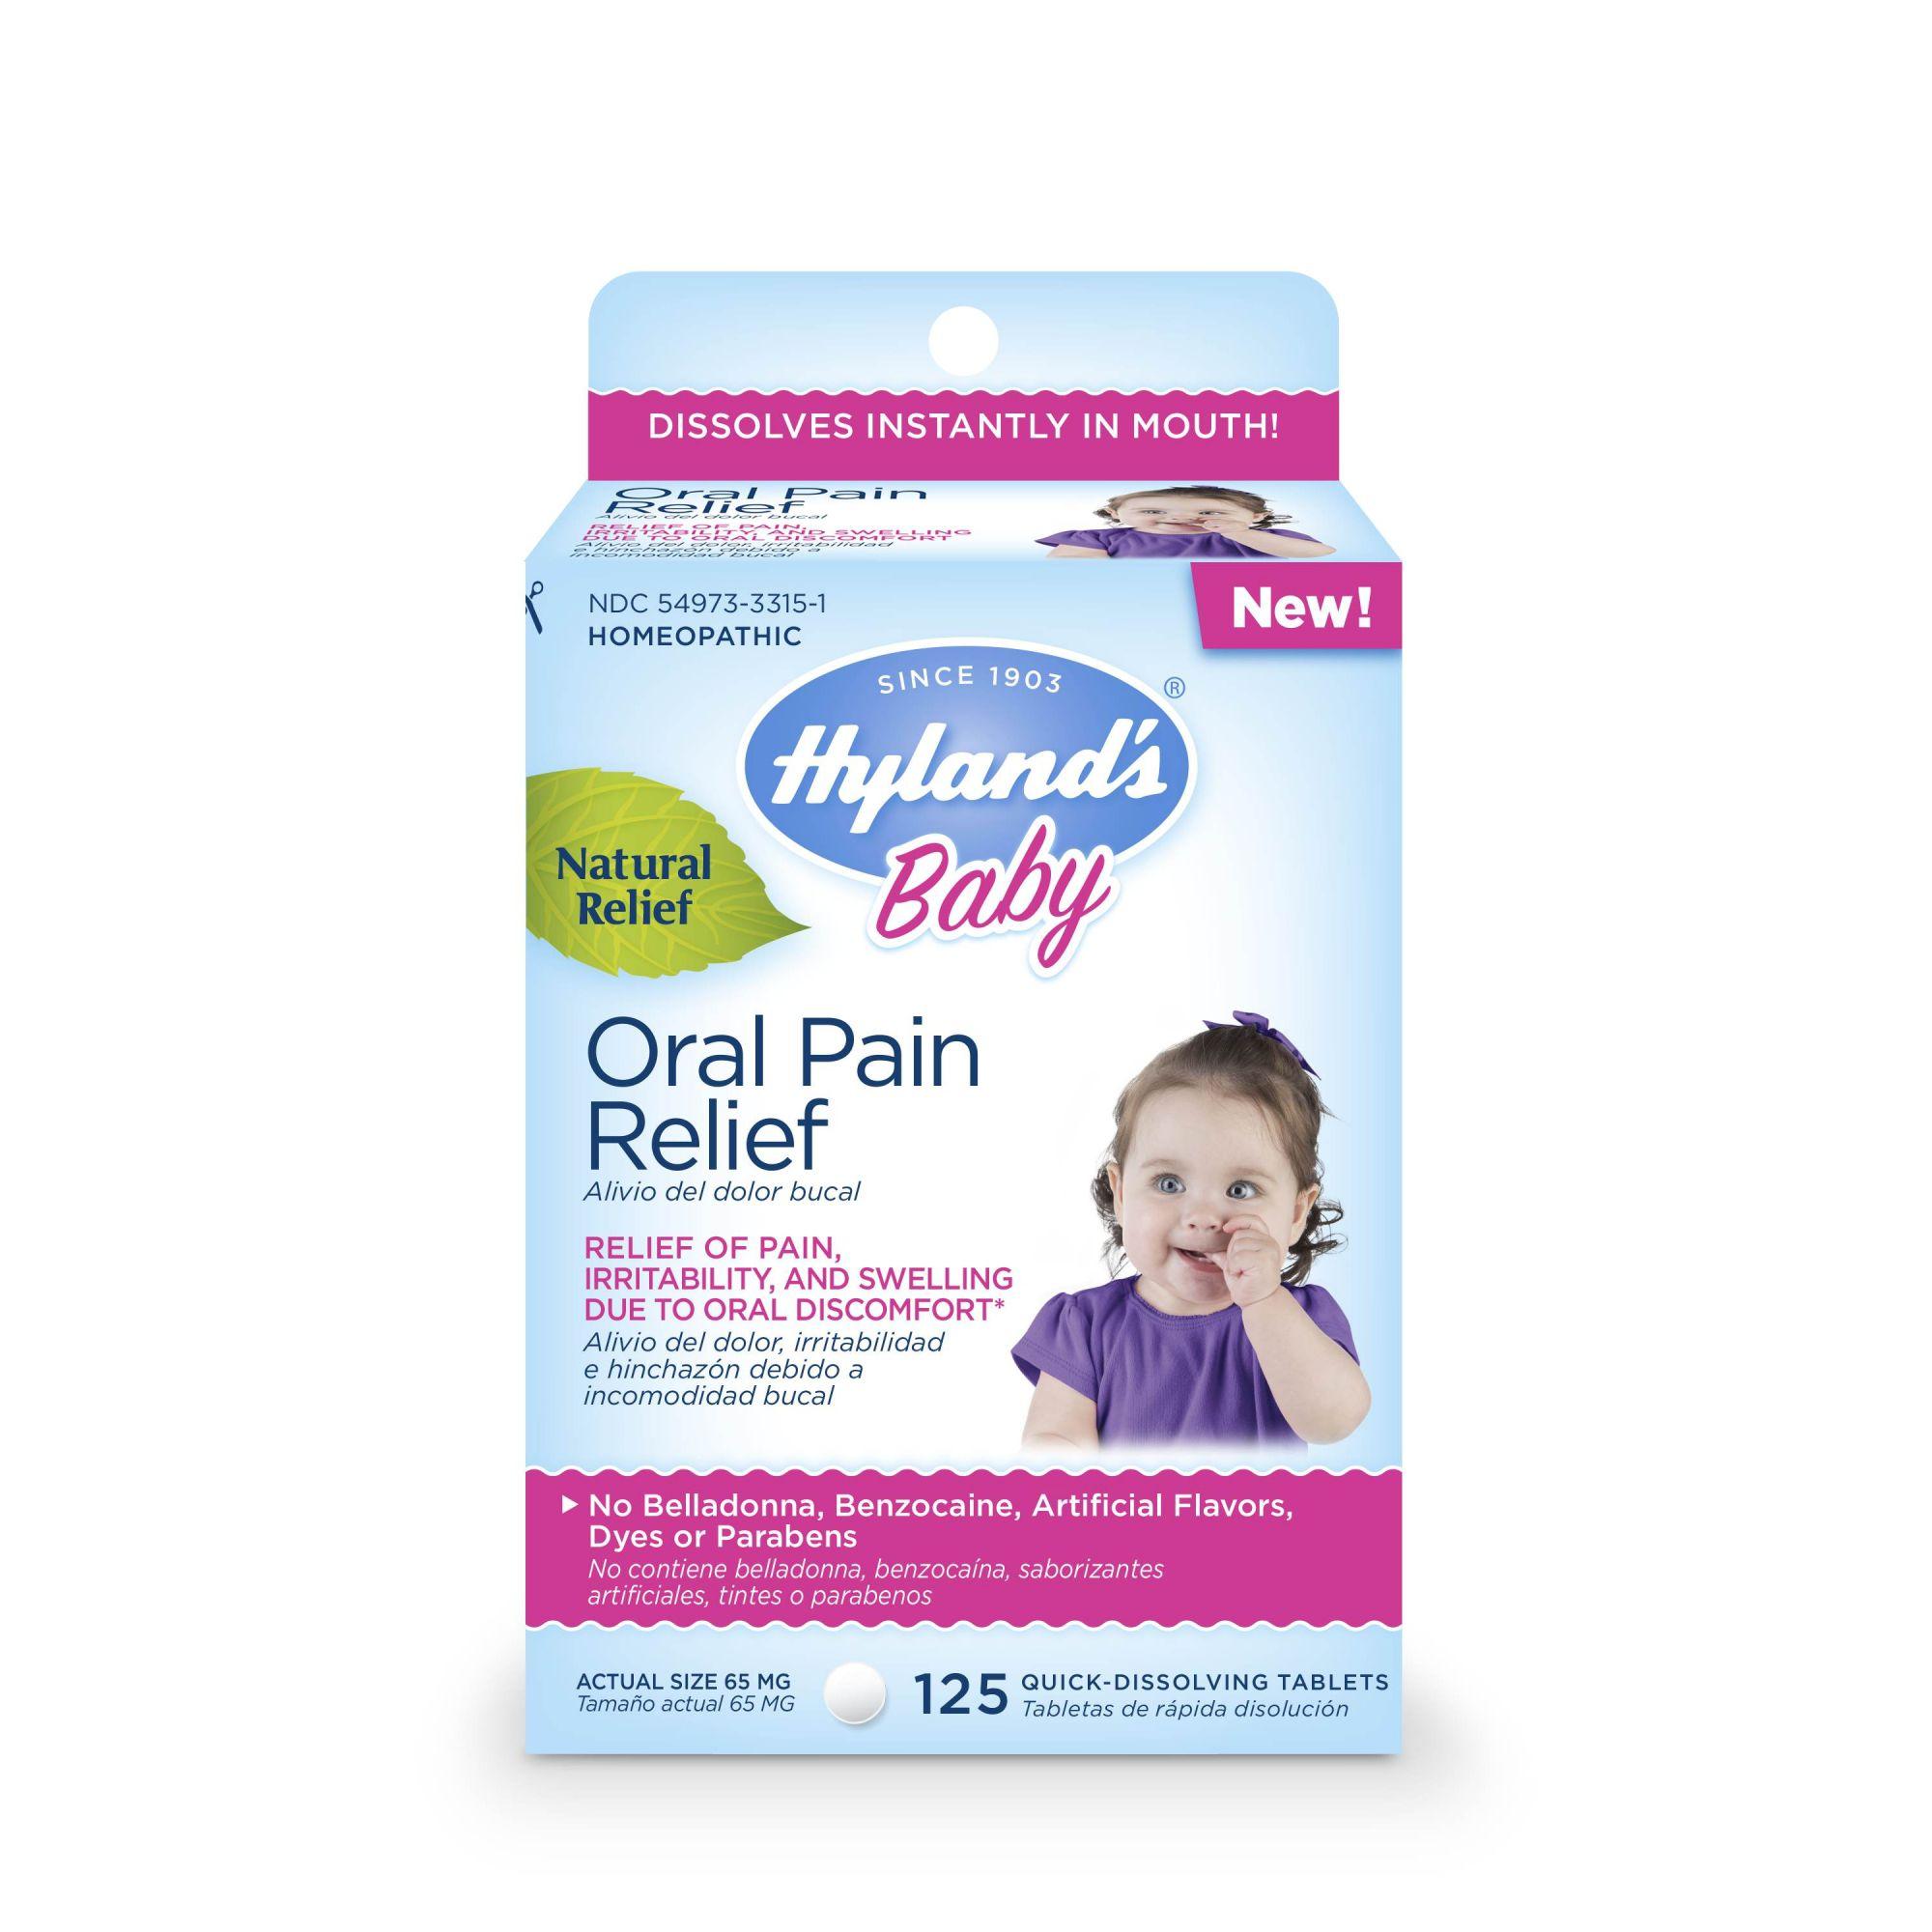 Hyland's Baby Oral Pain Relief - Dor de Dentes